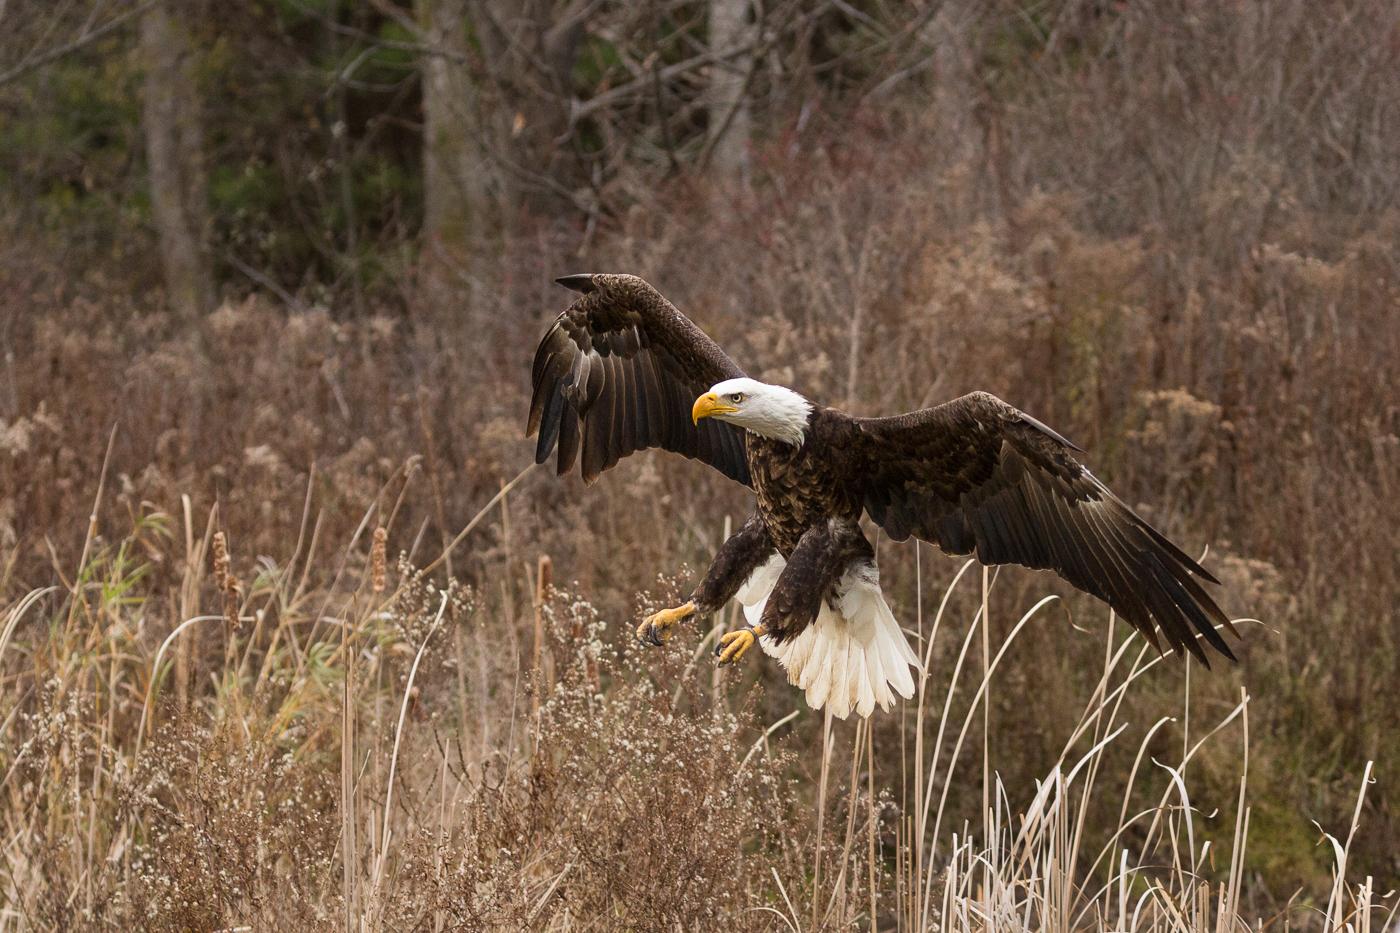 Bald Eagle Preparing to Land